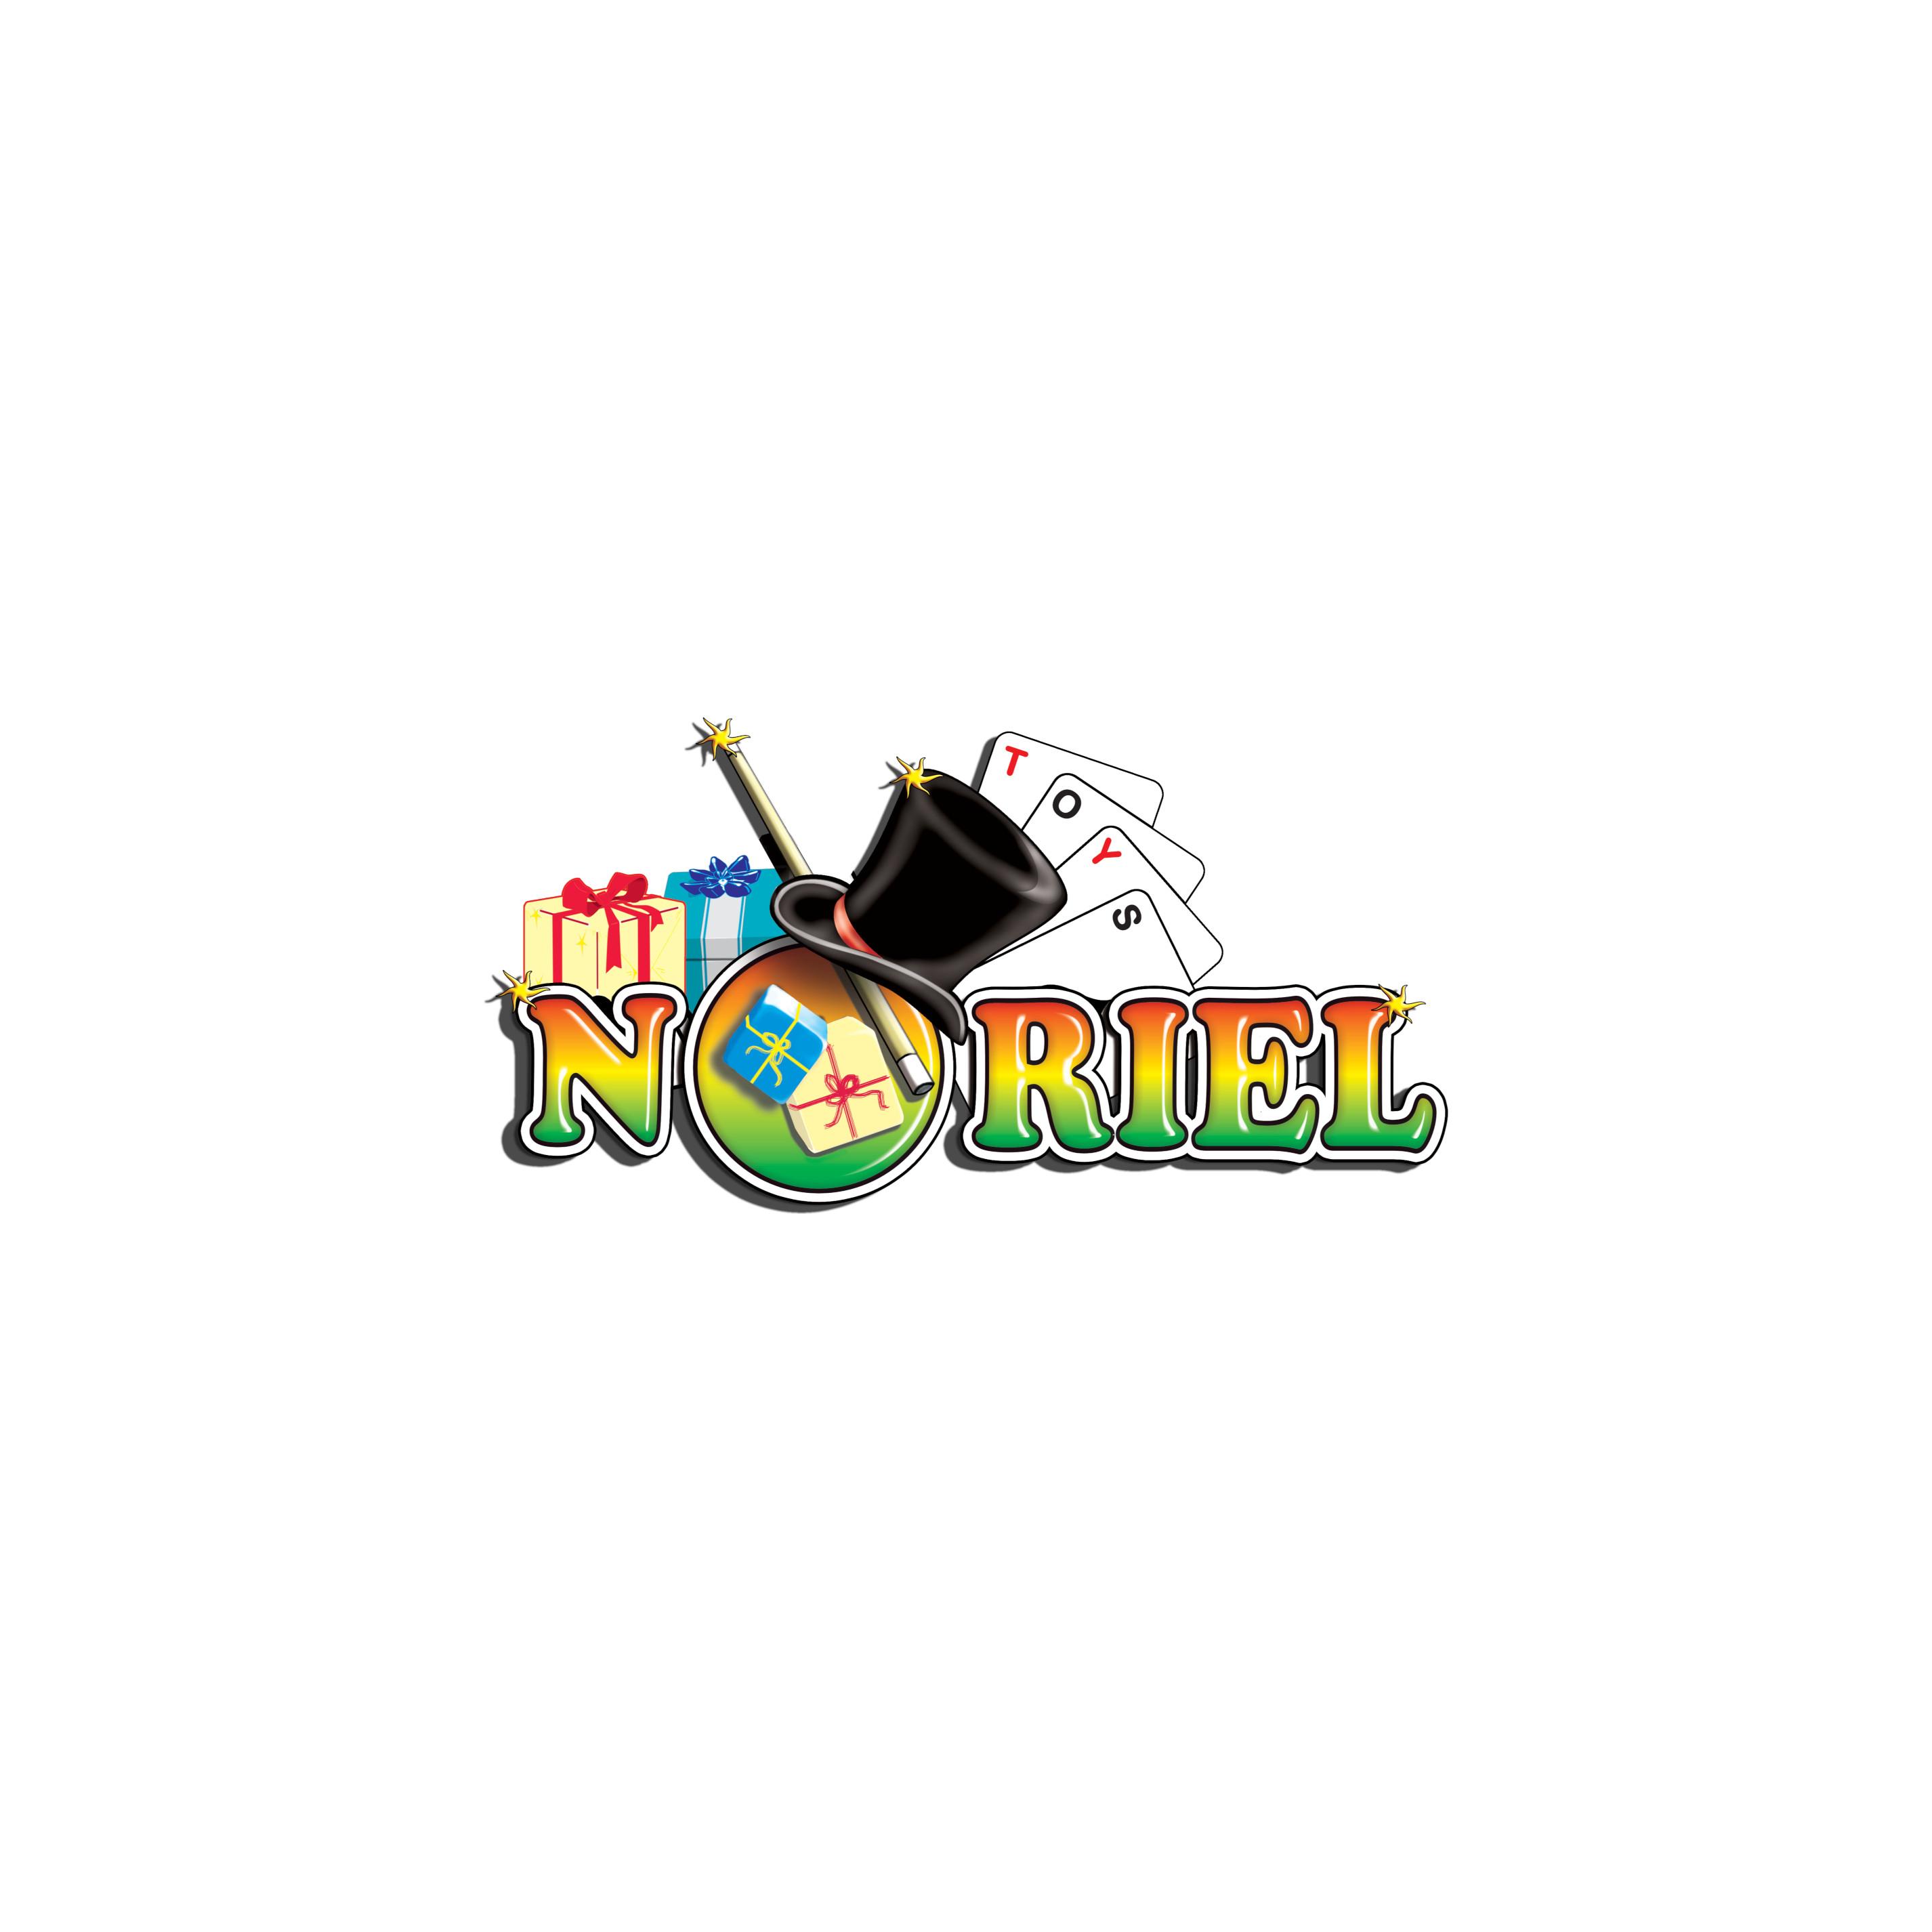 Disney Regatul de gheata - Cantece din Arendelle (9 melodii)